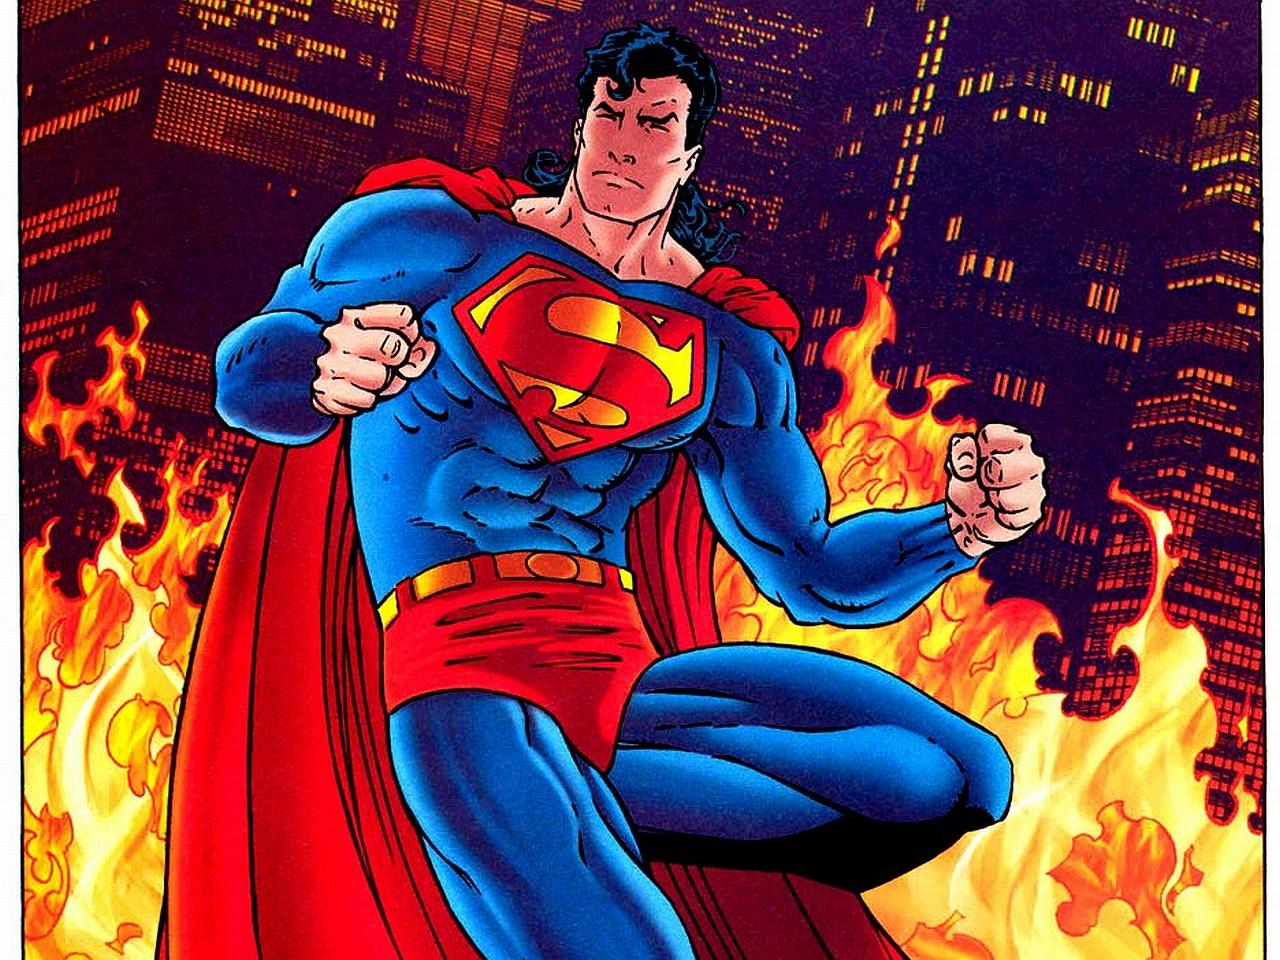 Wallpaper Abyss Explorar la coleccin Superman Comics Superman 178854 1280x960